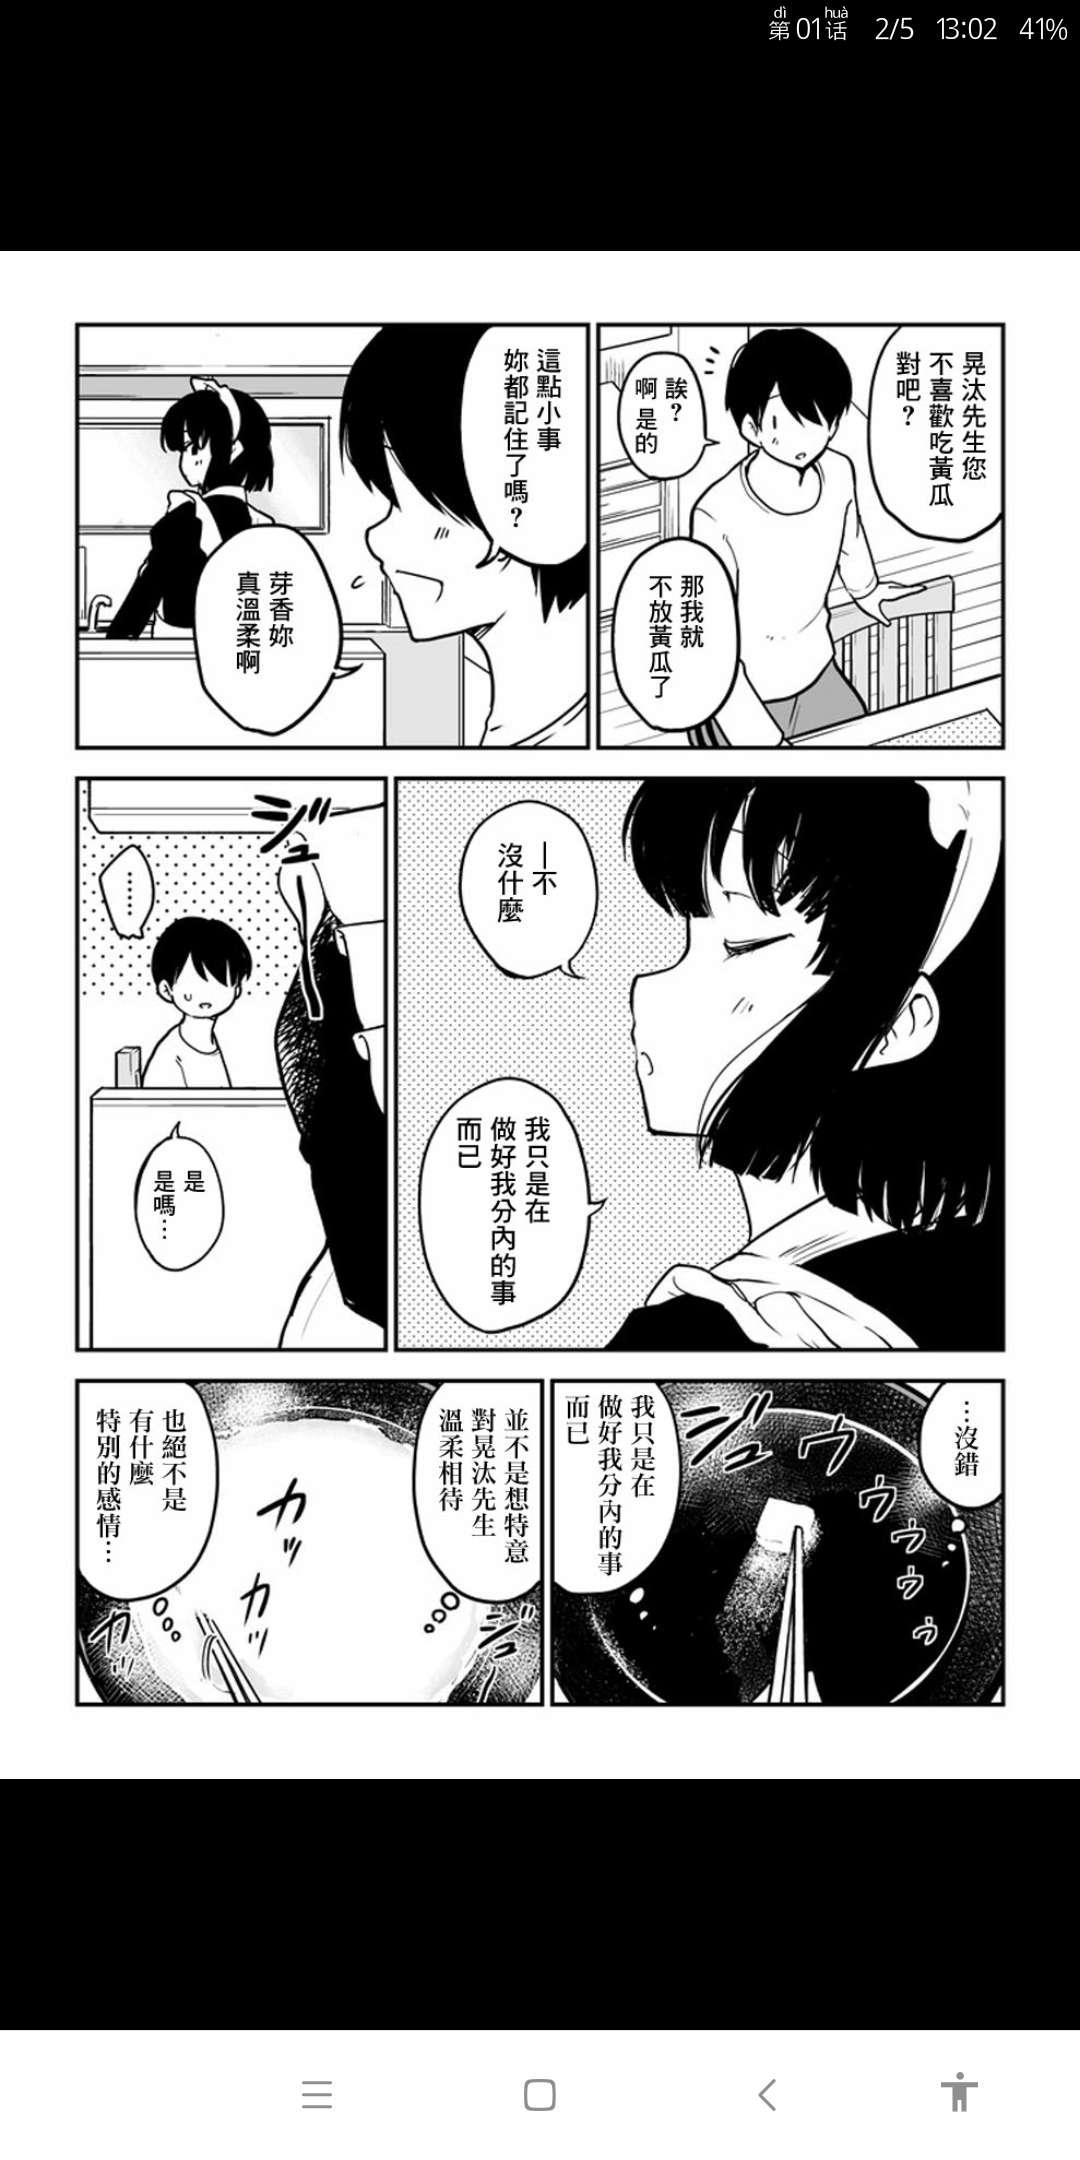 【漫画】芽香小姐无法压下那份心意,哔咔acg安卓版